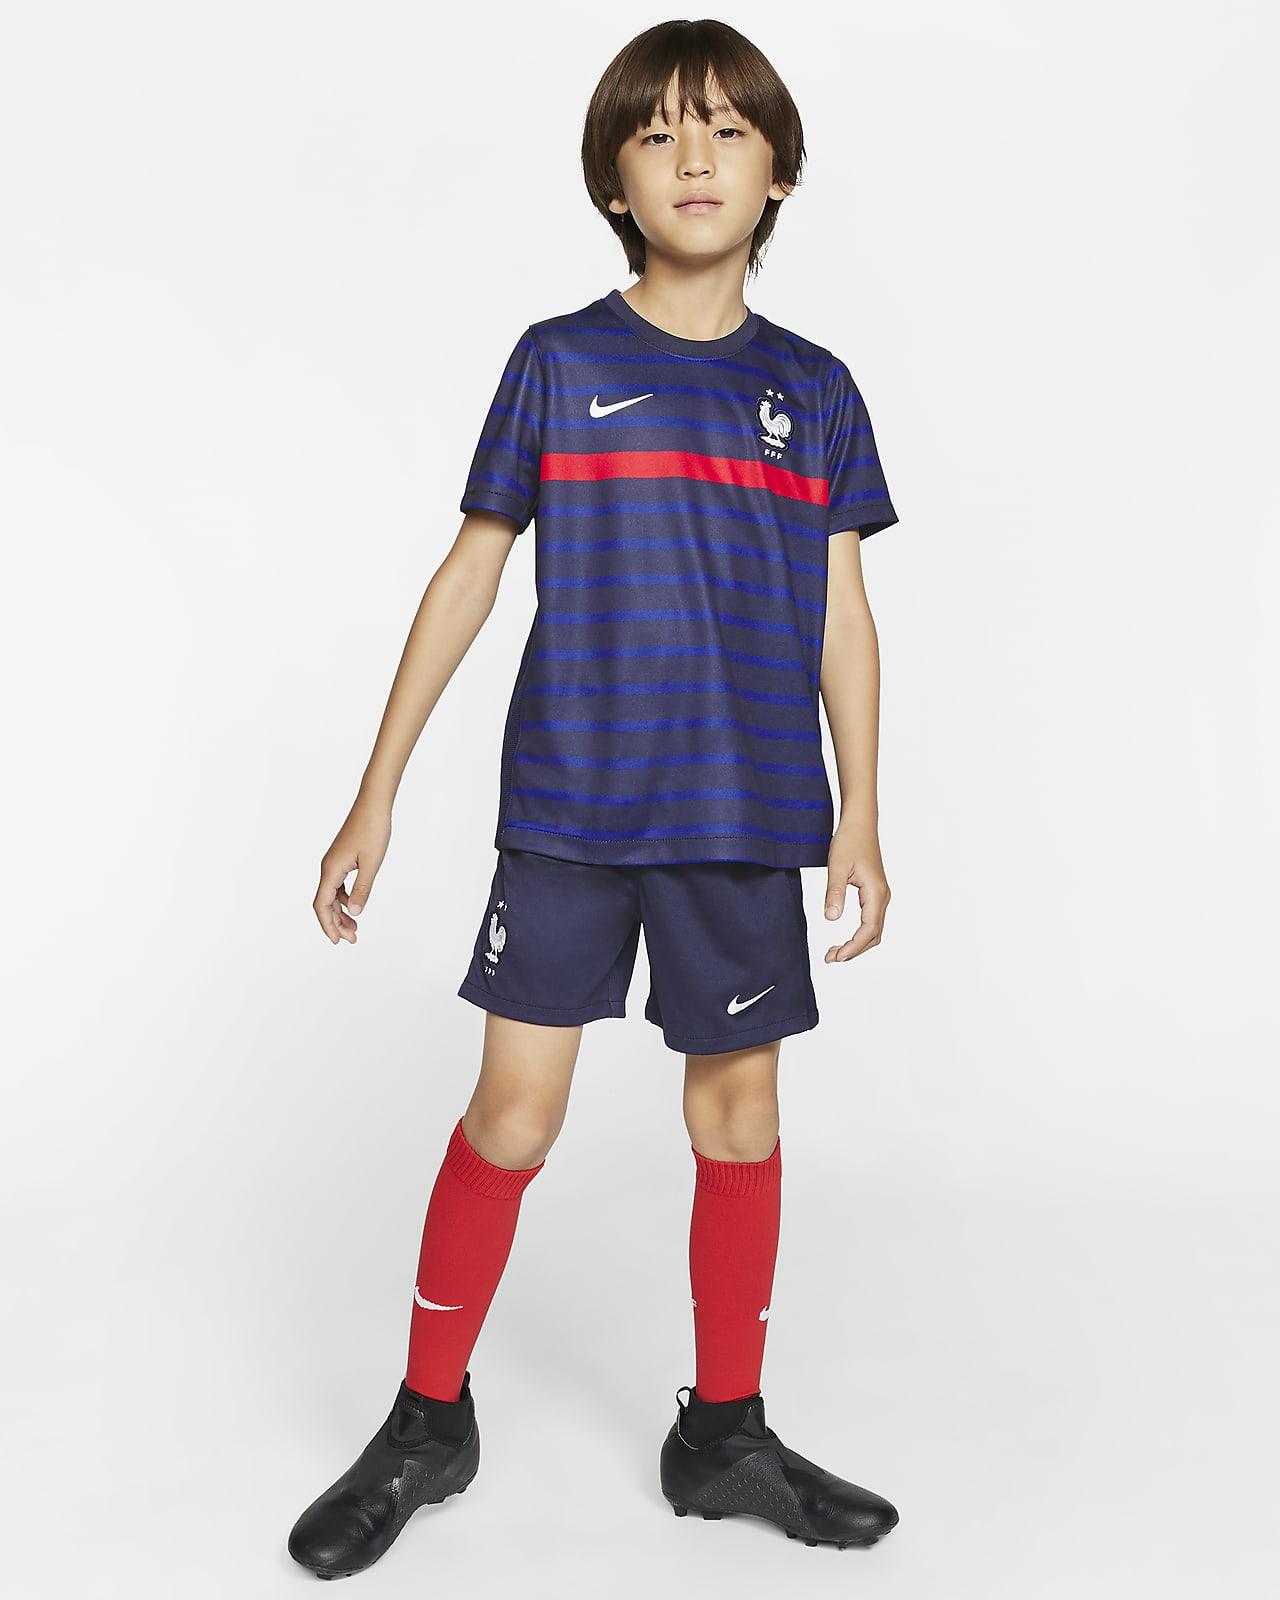 Футбольный комплект для дошкольников с символикой домашней формы сборной Франции 2020